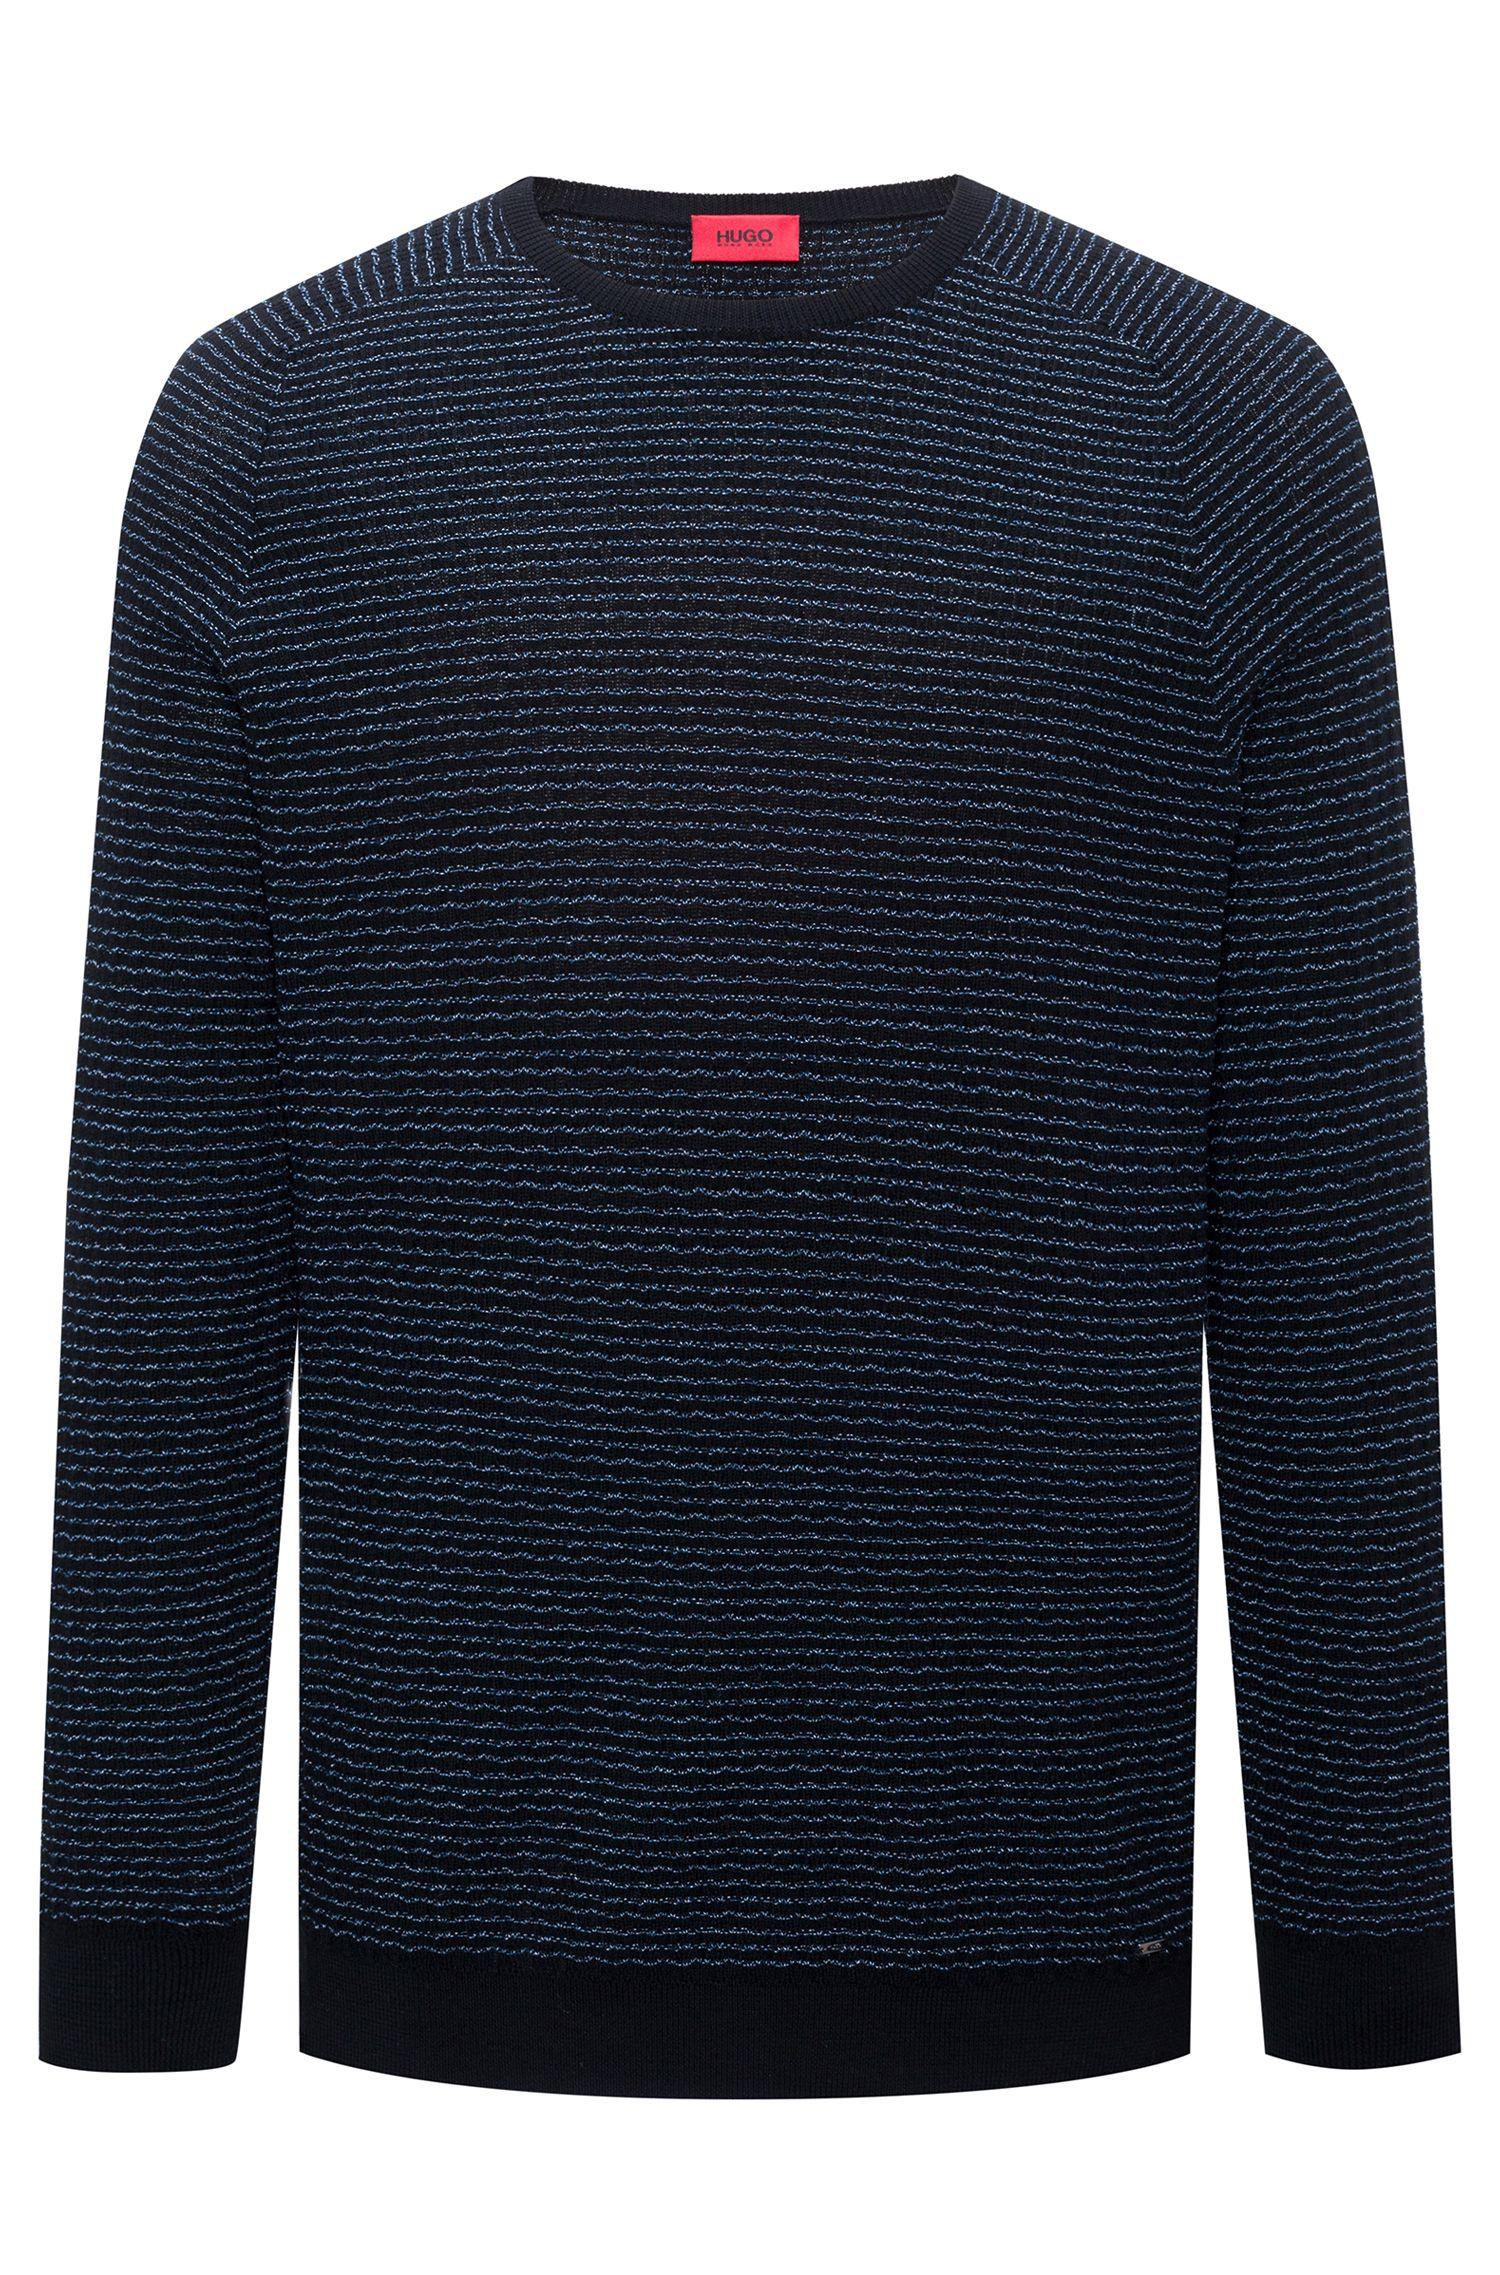 Baumwoll-Pullover mit Seersucker-Struktur